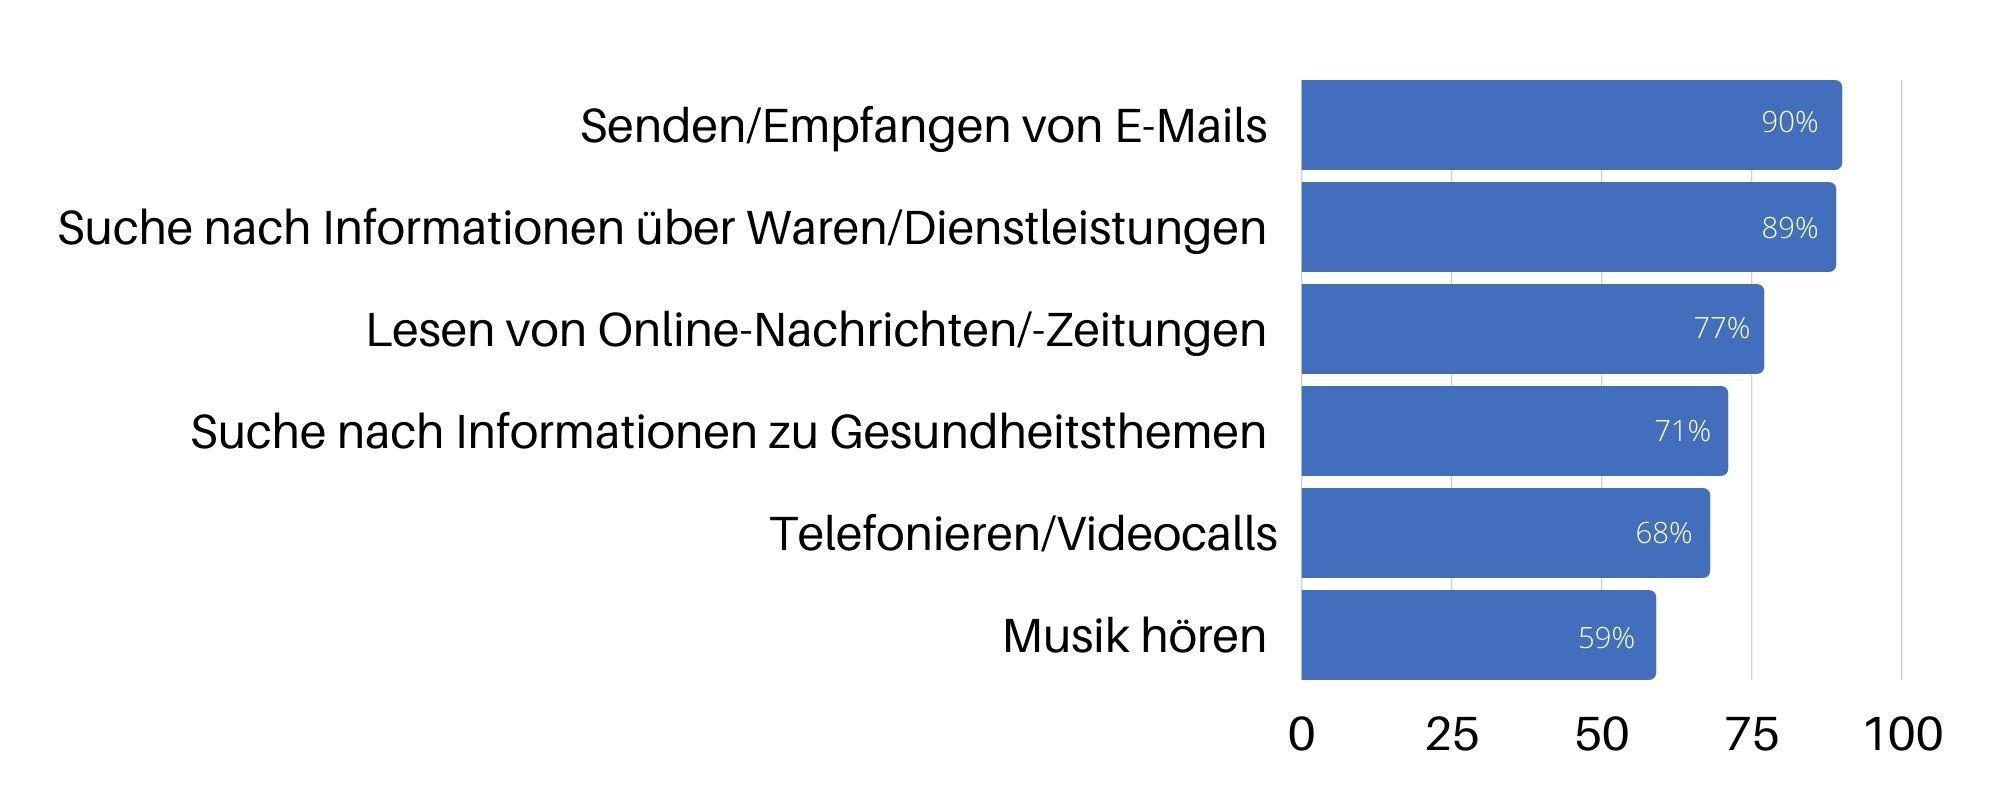 Umfrage zu Internetaktivitäten in Deutschland 2020